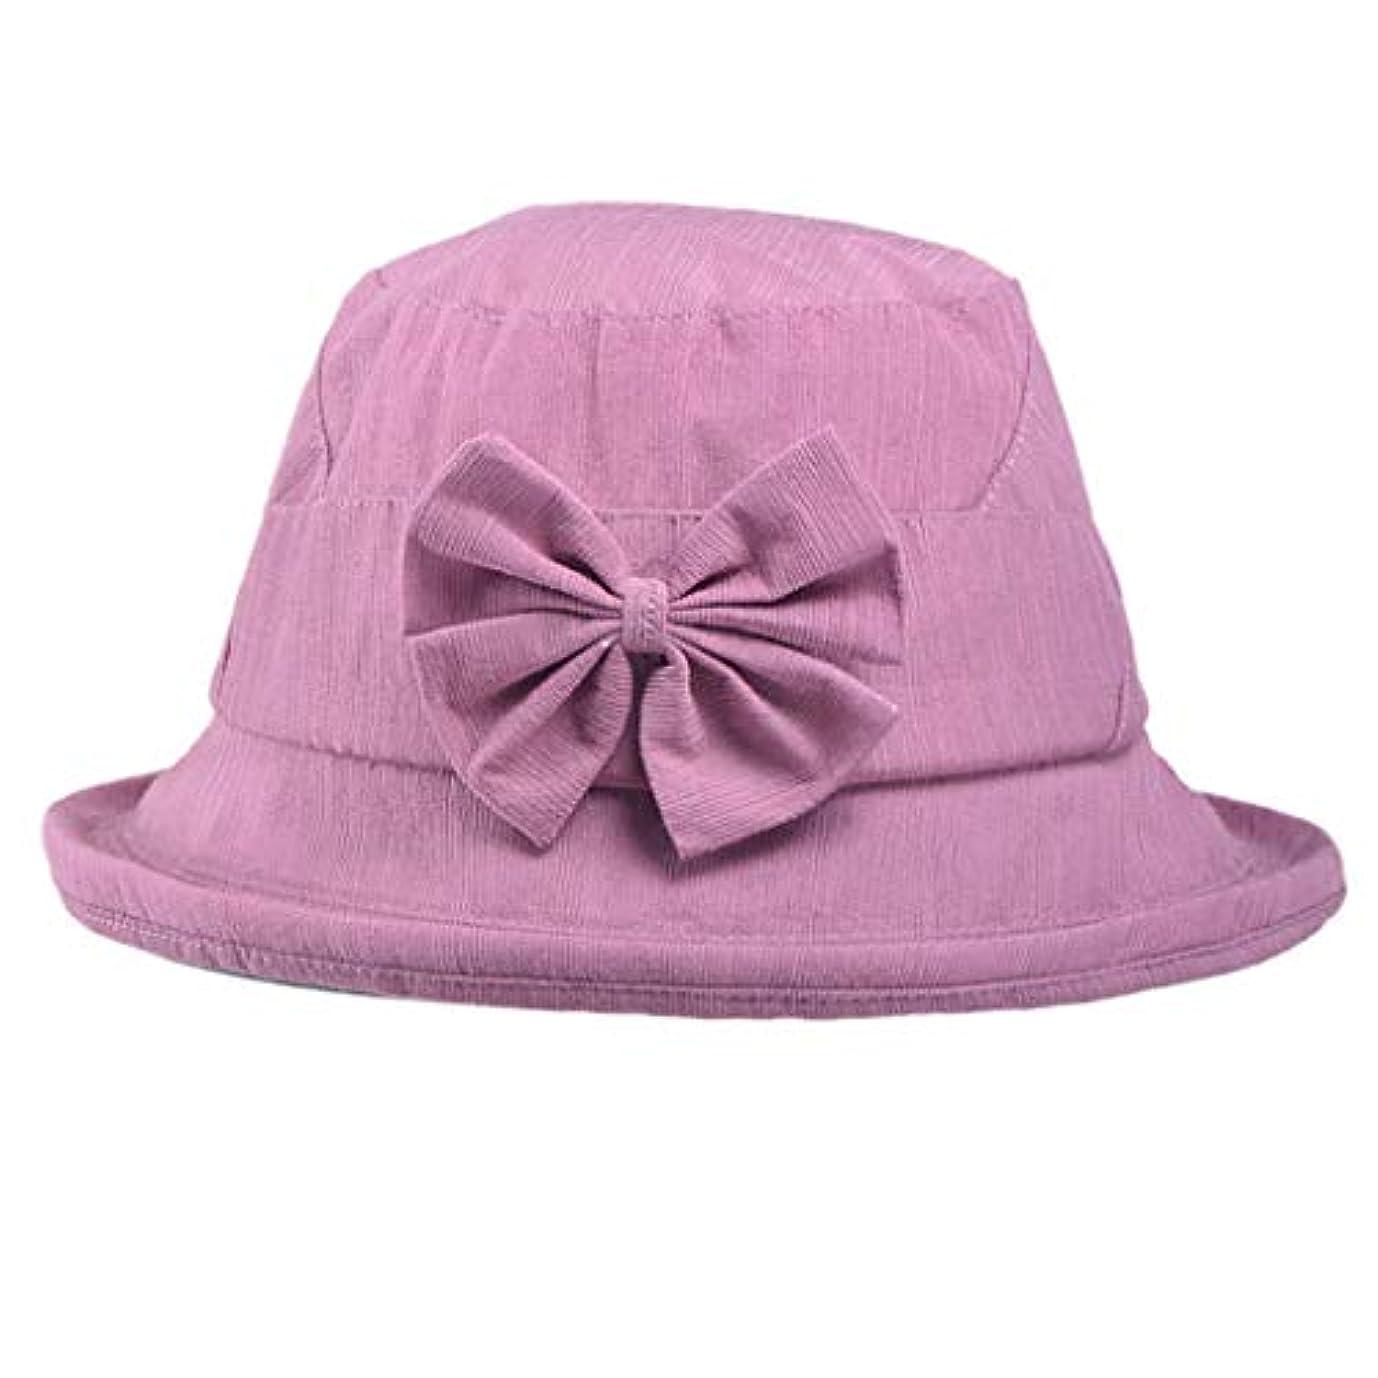 主導権発見する直接ファッション小物 夏 帽子 レディース UVカット 帽子 アウトドア 夏 春 UVカット 帽子 蝶結び 漁師帽 日焼け防止 つば広 無地 ハット レディース 女性 紫外線対策 大きいサイズ 夏季 ビーチ ROSE ROMAN